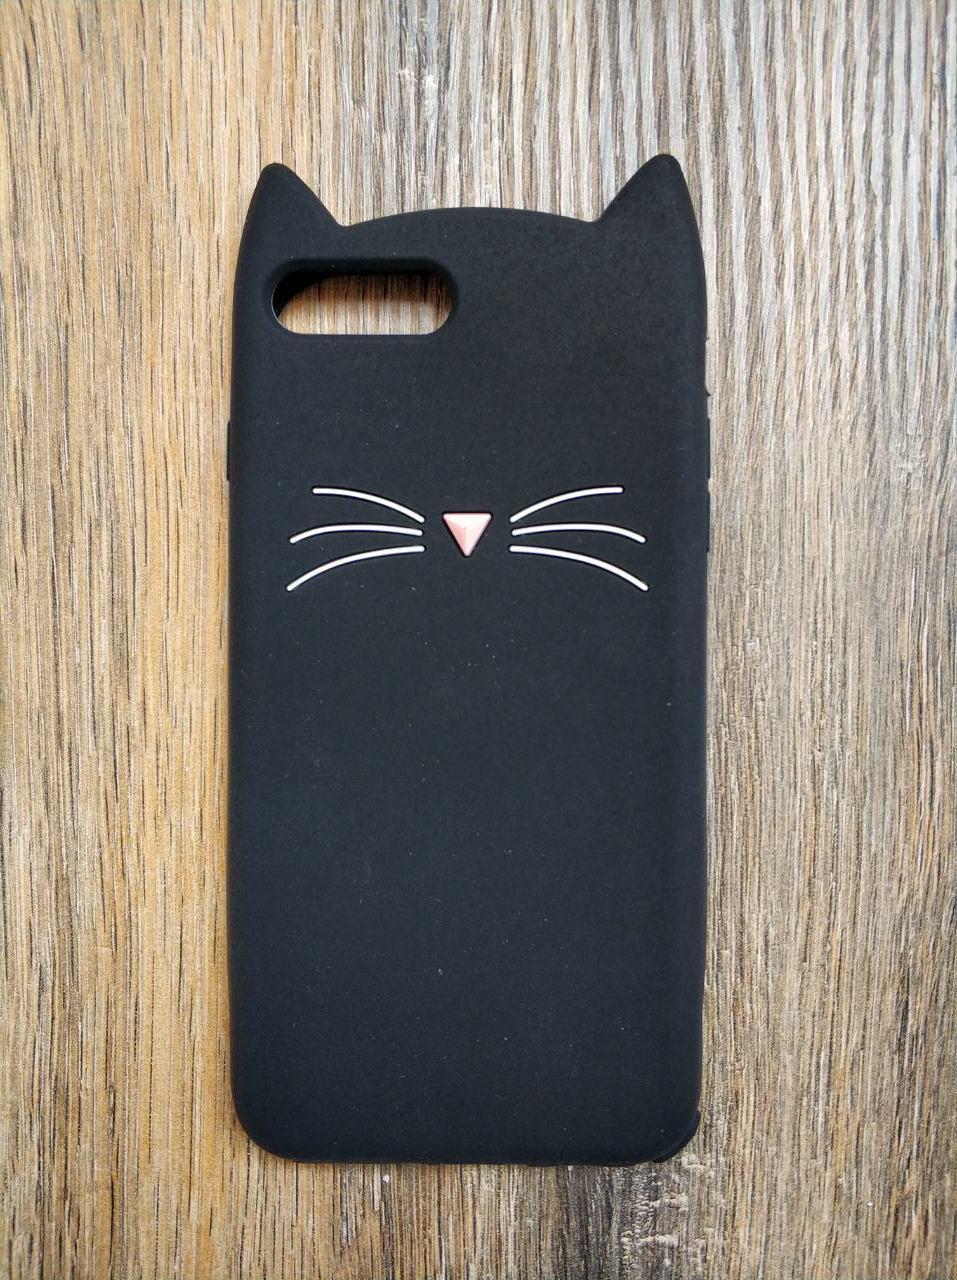 Объемный 3d силиконовый чехол для Iphone 8 Plus Усатый кот черный